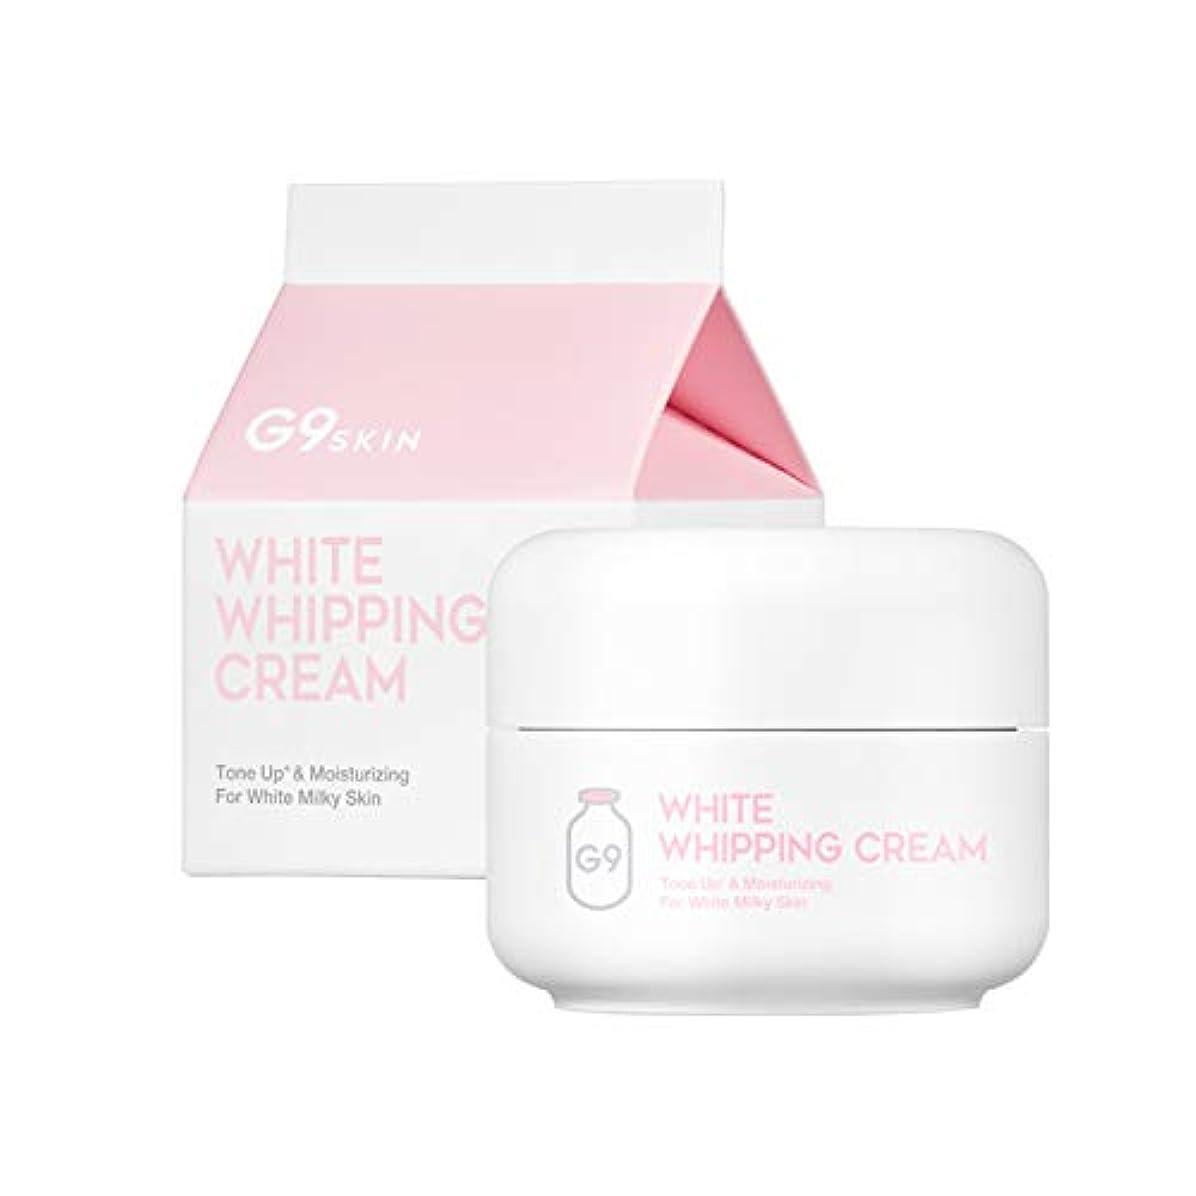 お別れ王女銛G9SKIN(ベリサム) ホワイト イン 生クリーム WHITE IN WHIPPING CREAM 50g